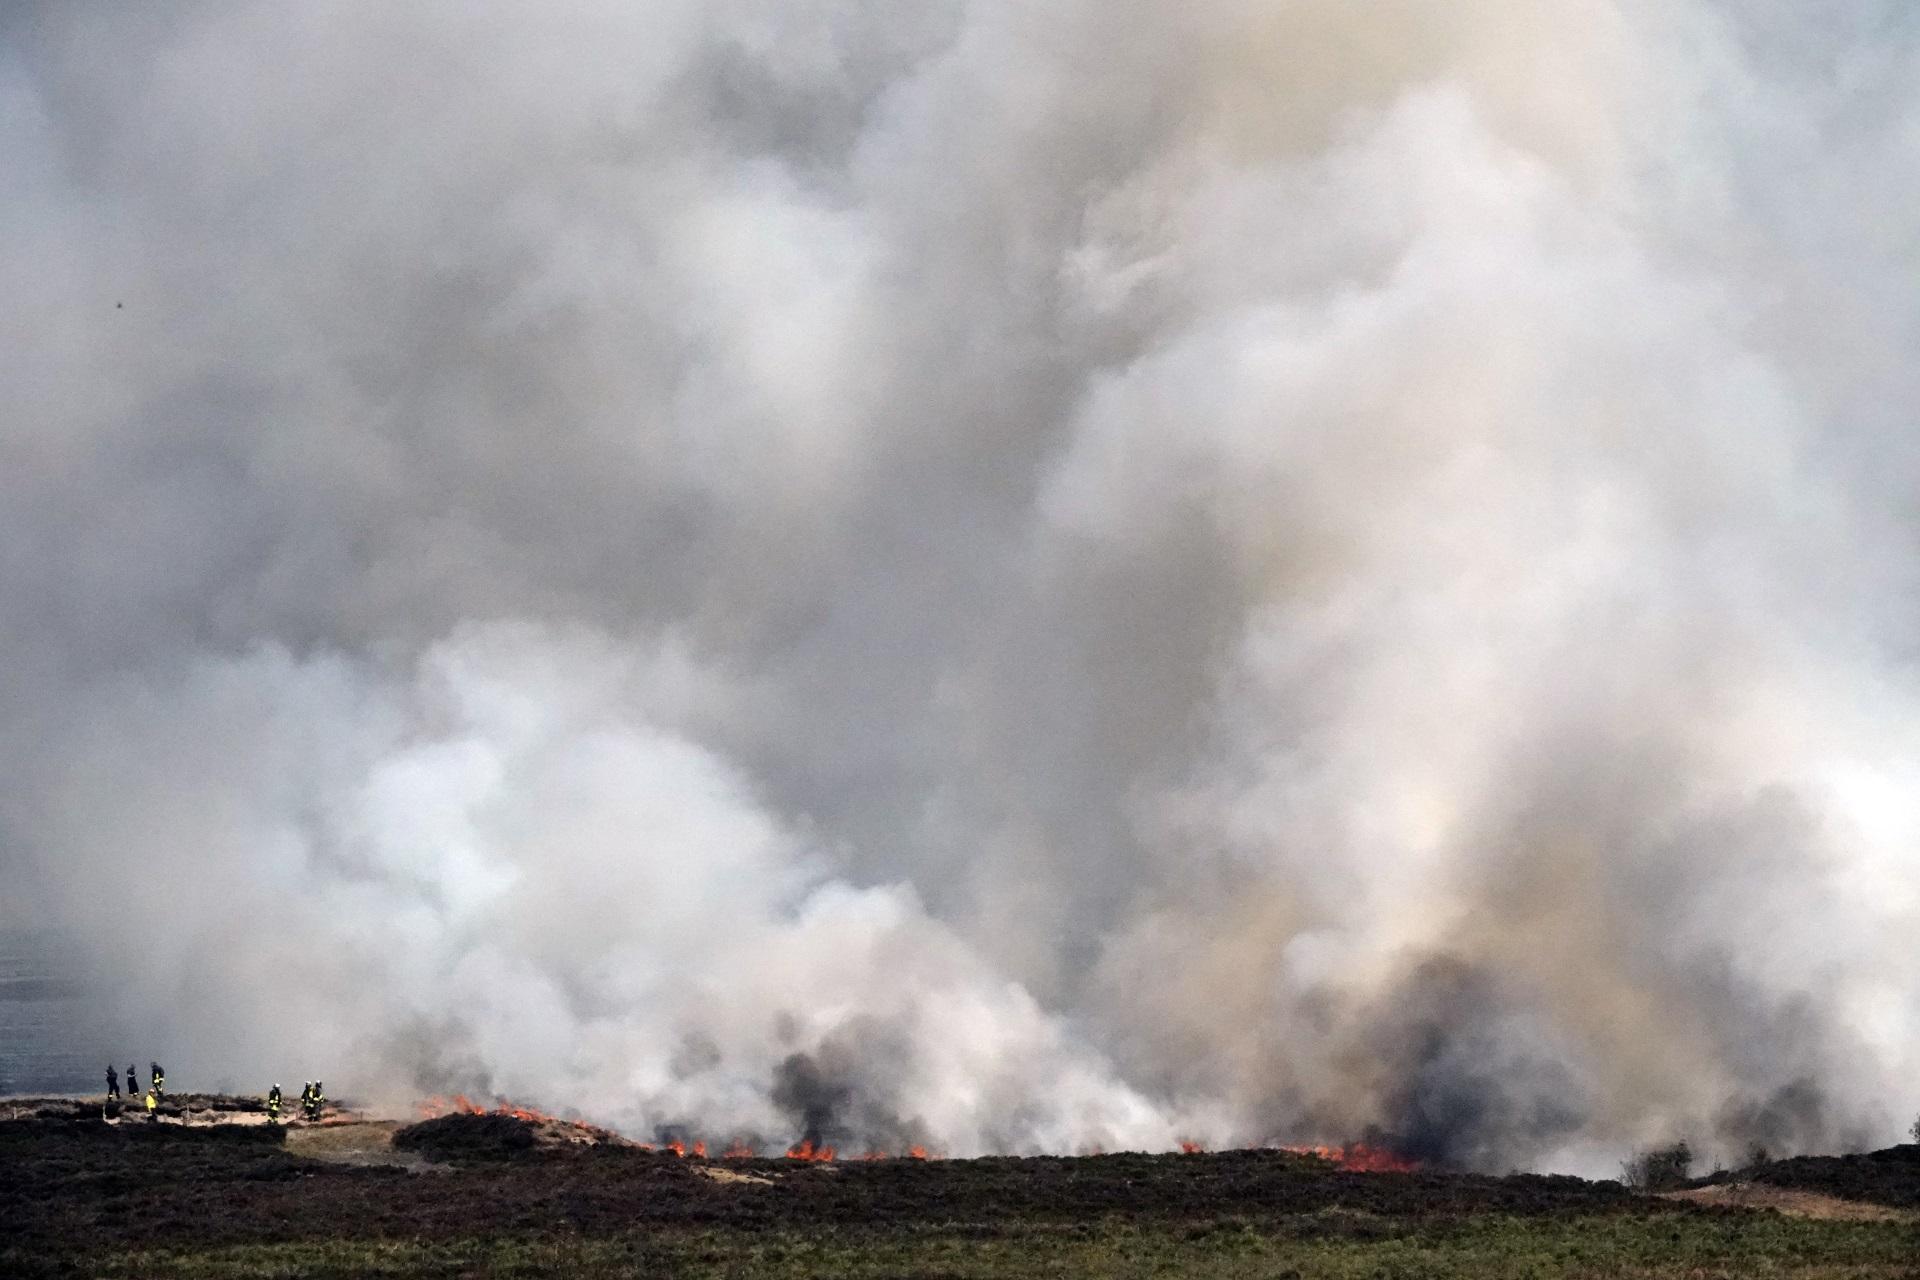 Naturschutzaktion endete mit Großbrand am Morsum Kliff